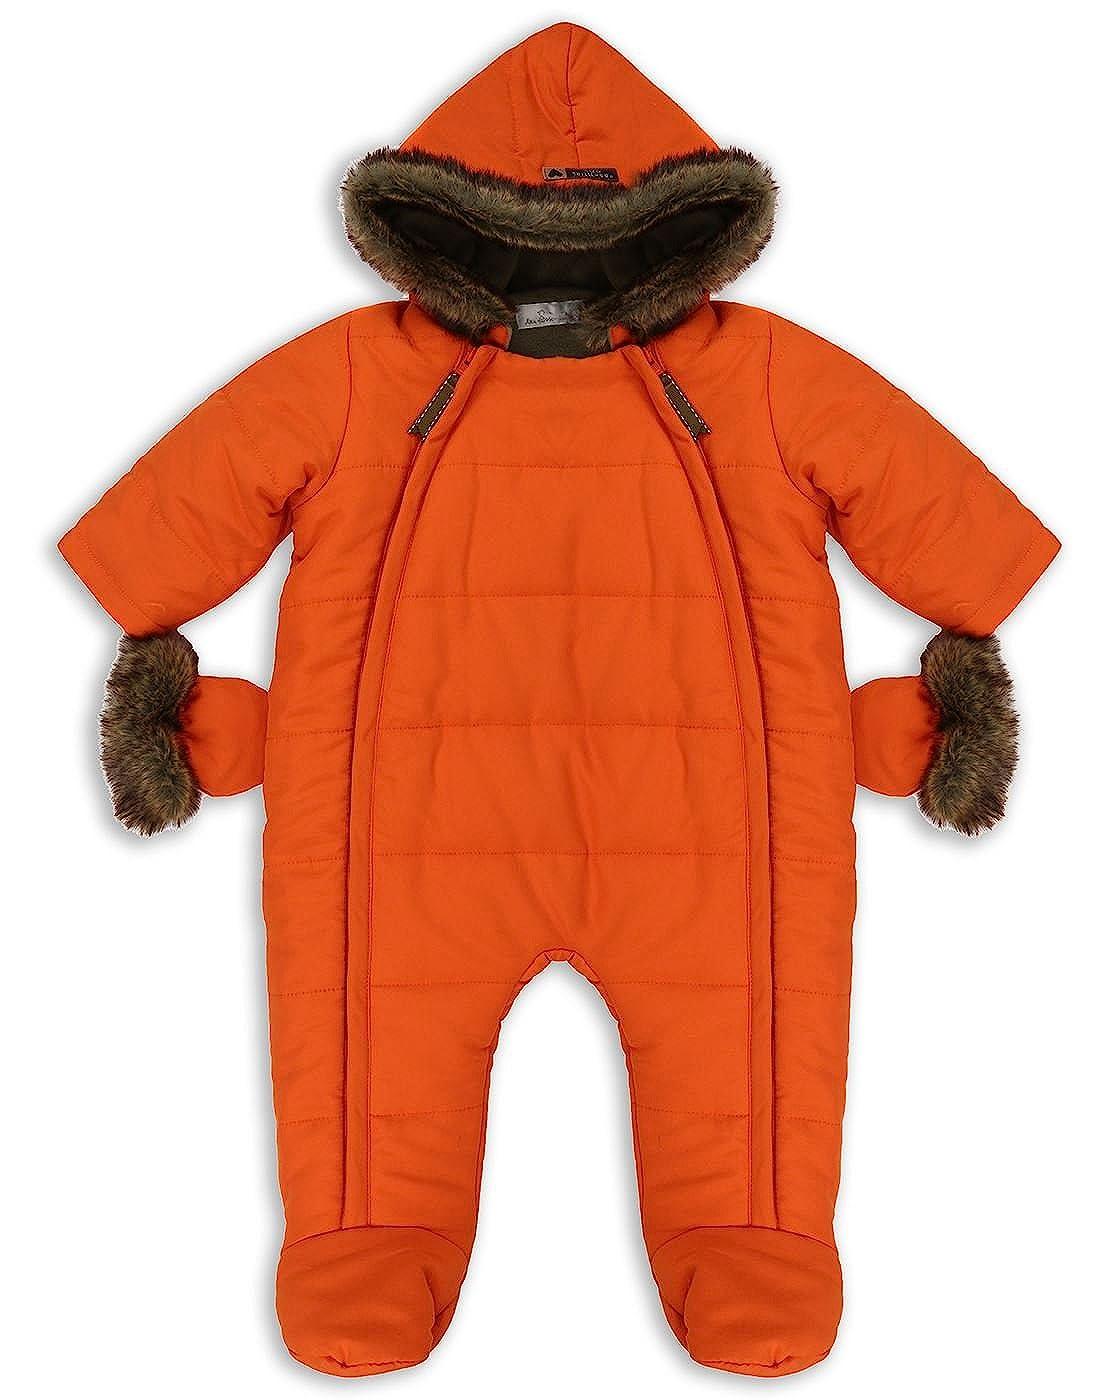 The Essential One - Baby Unisex Fur Trimmed Pramsuit/Snowsuit - Orange - EO259